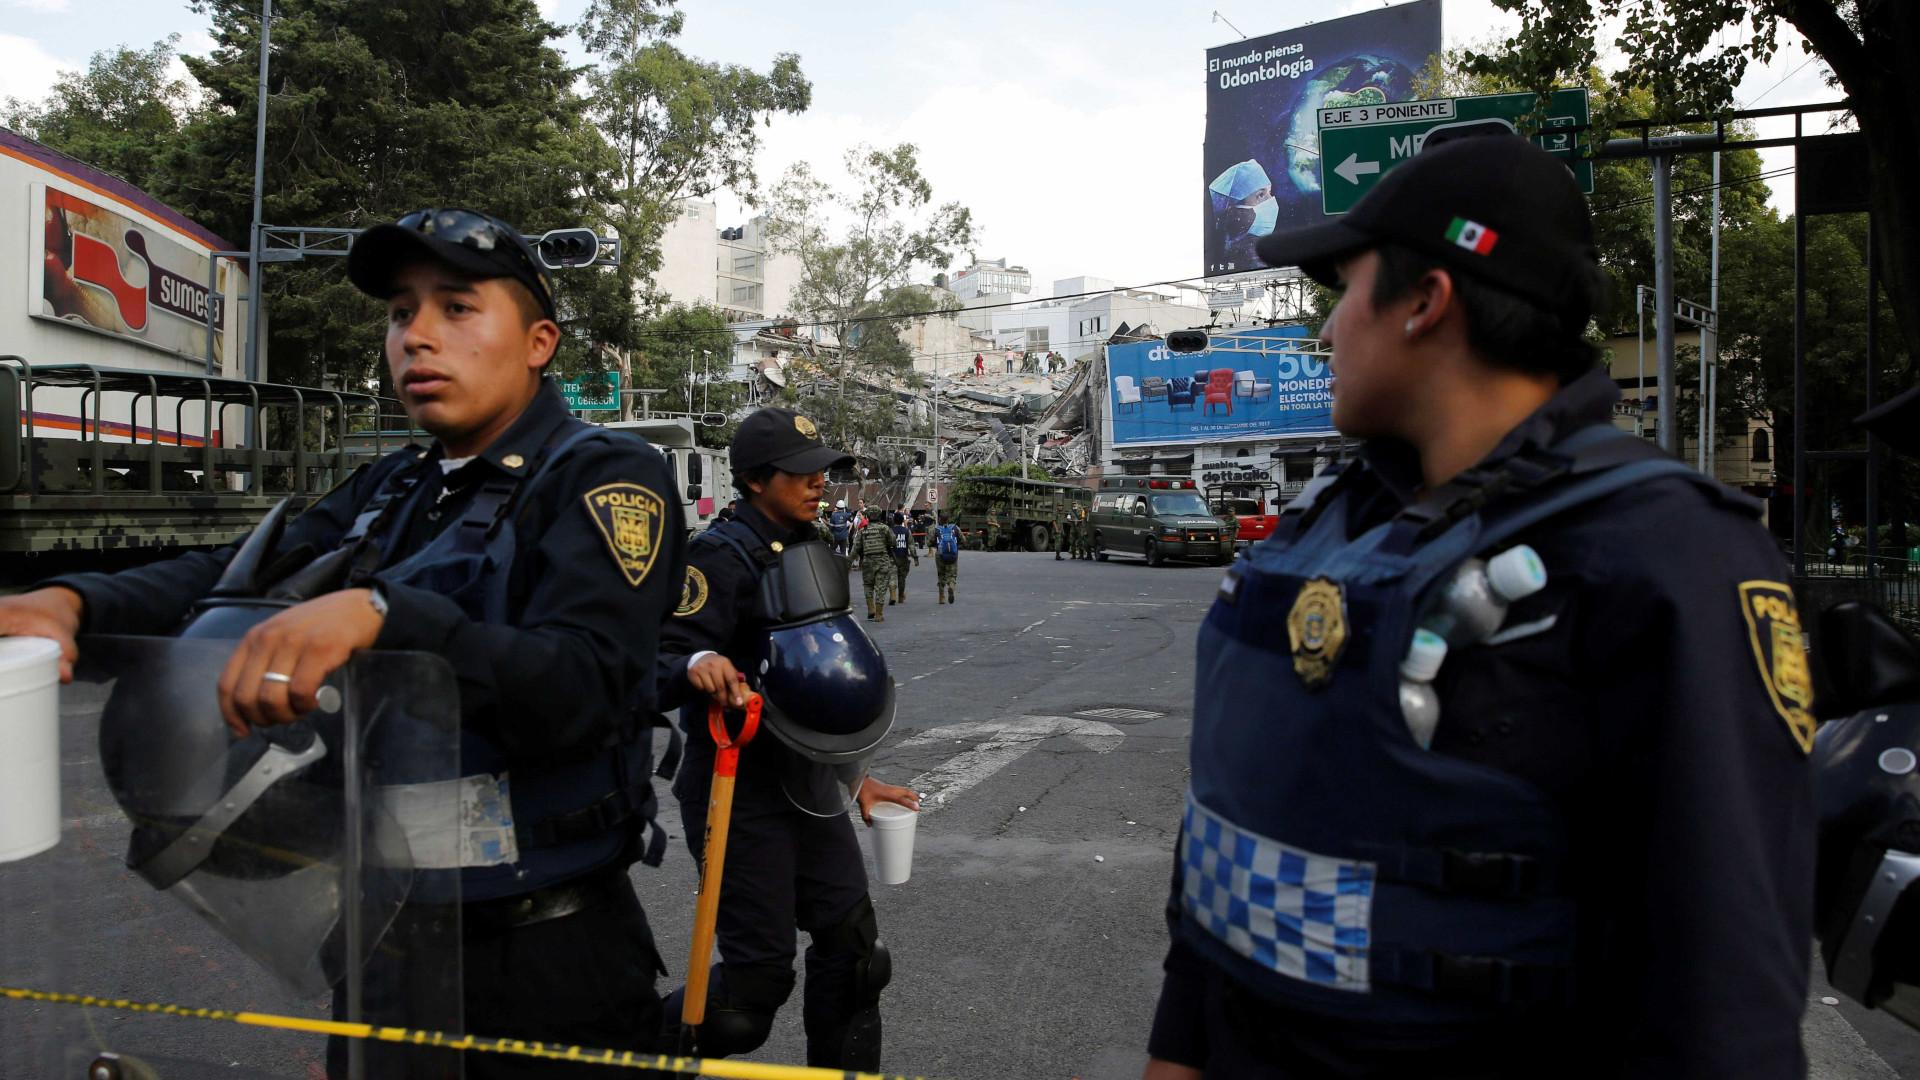 Grupo armado mata 14 pessoas num centro de reinserção no México